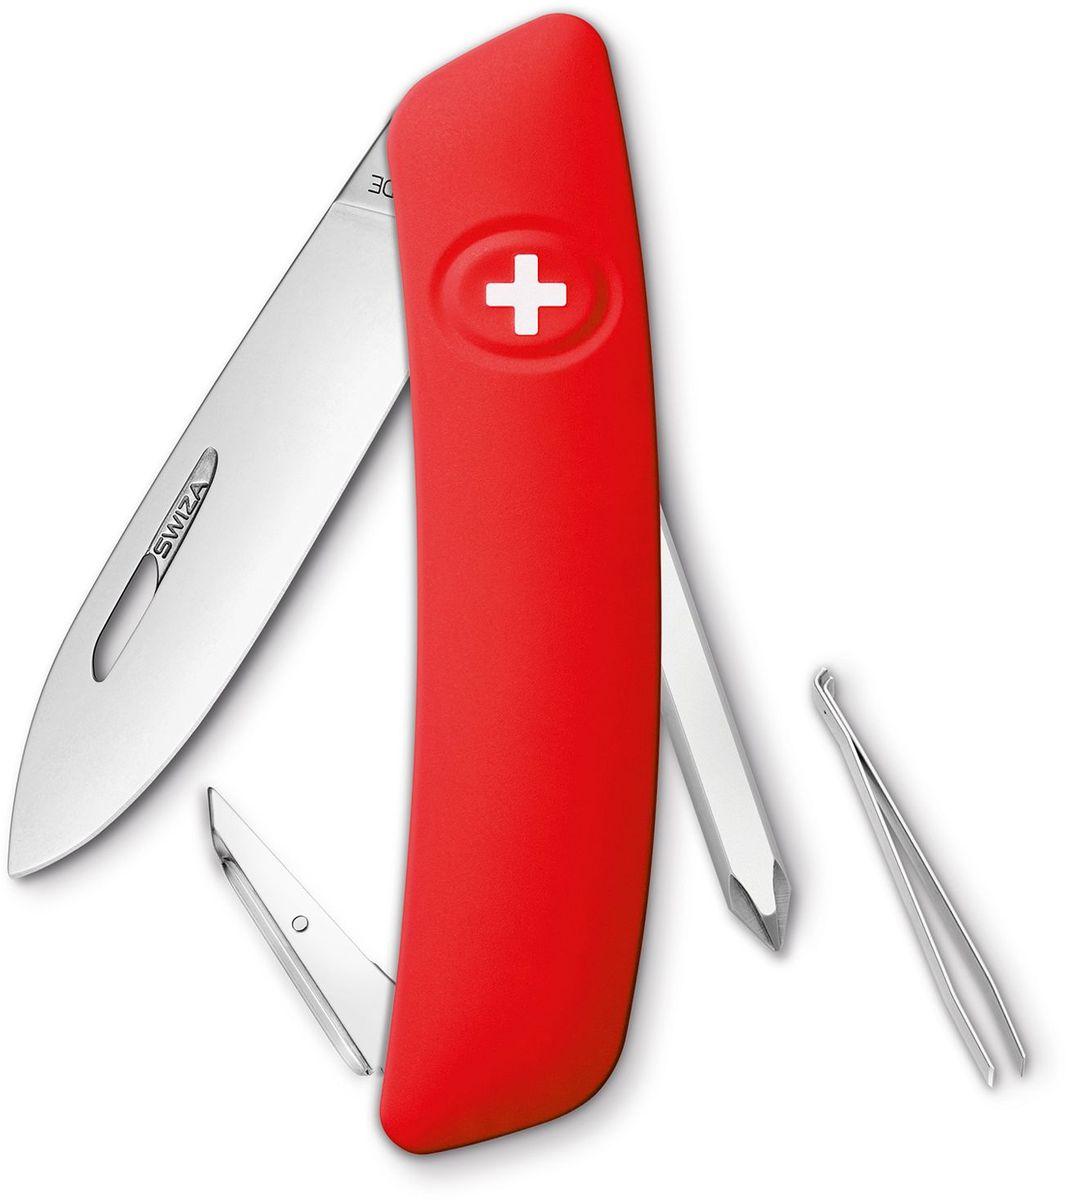 Нож швейцарский SWIZA D02, цвет: красный, длина клинка 7,5 смKNI.0020.1000Швейцарский нож (SWIZA D02) с его революционной формой и безопасной рукояткой, легко раскладываемой ручкой - самый удобный и простой в использовании швейцарский нож на все времена. Эргономично изогнутая форма ножа обеспечивает более легкий доступ к инструментам, а пазы позволяют легко их открывать, как левой, так и правой рукой. Пожизненная гаратния на ножи SWIZA обеспечивают долговременное использование 1. нож перочинный , 2. отвертка Phillips , 3. ример/дырокол 4. шило, 5. безопасная блокировка лезвий, 6. пинцет